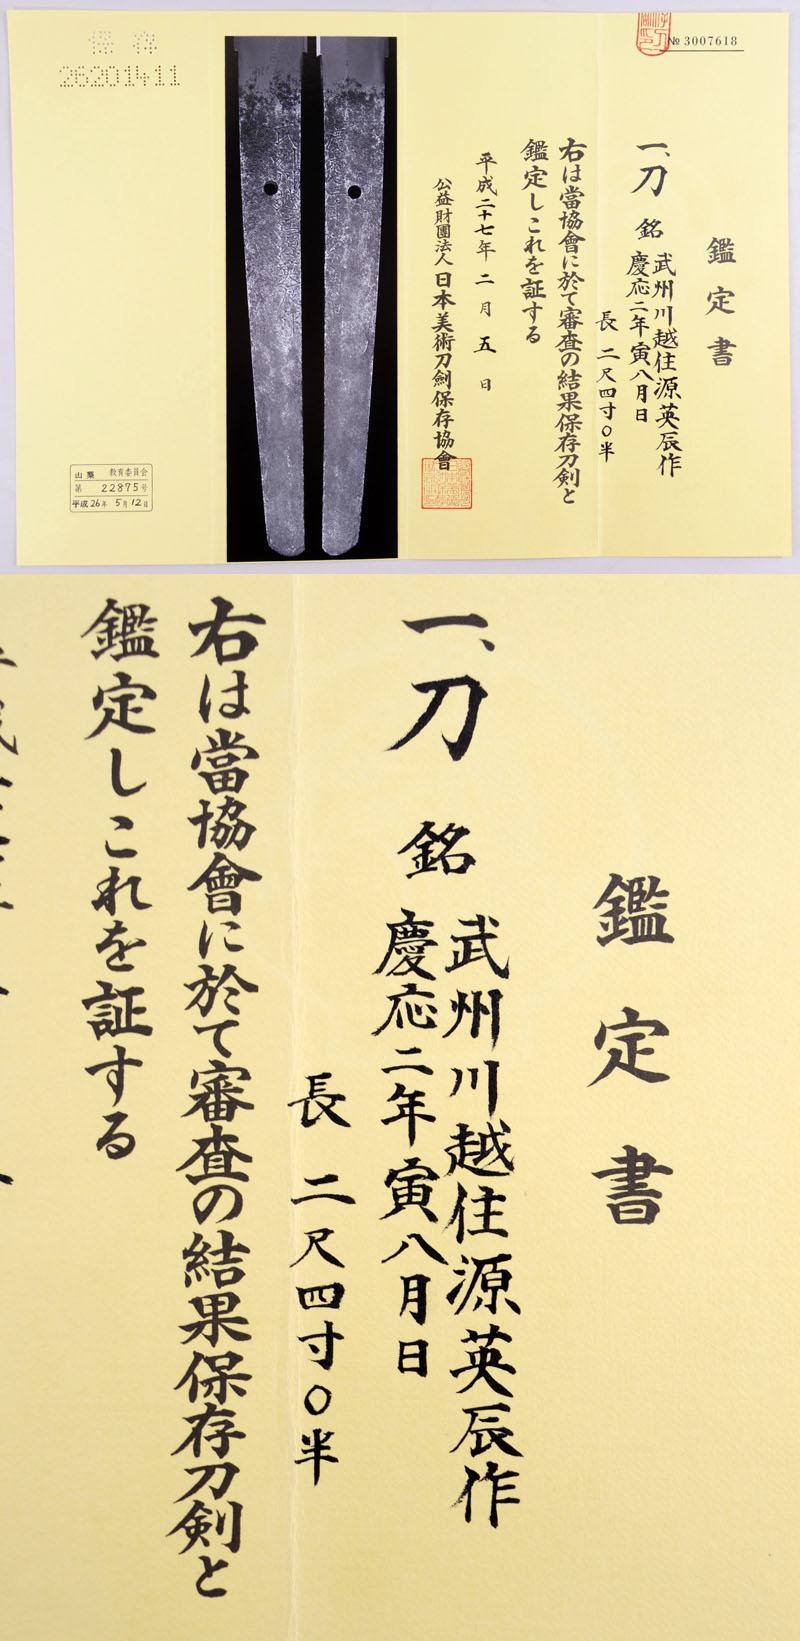 武州川越住源英辰作 Picture of Certificate